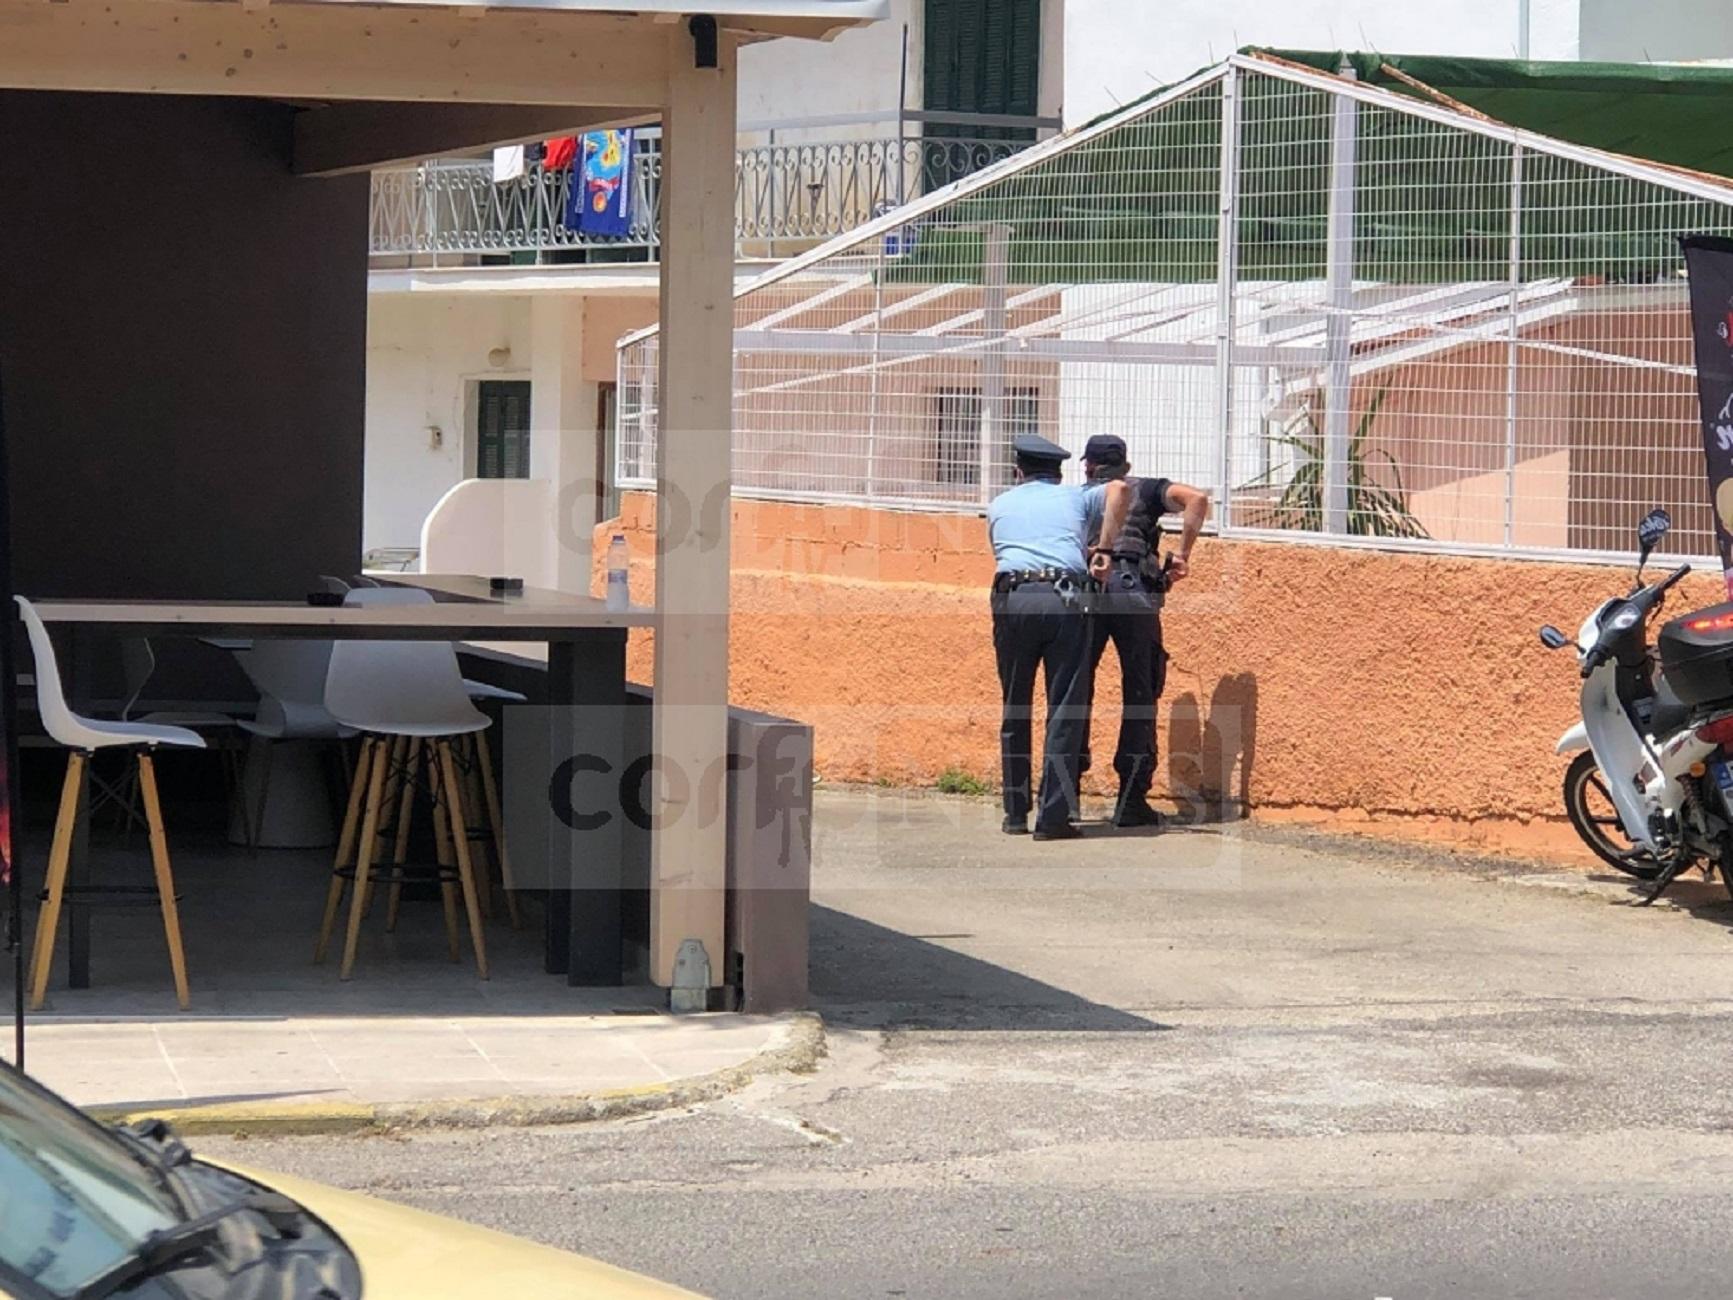 Κέρκυρα: Σκότωσε ζευγάρι και αυτοκτόνησε – Νέα στοιχεία για το έγκλημα στη Δασιά